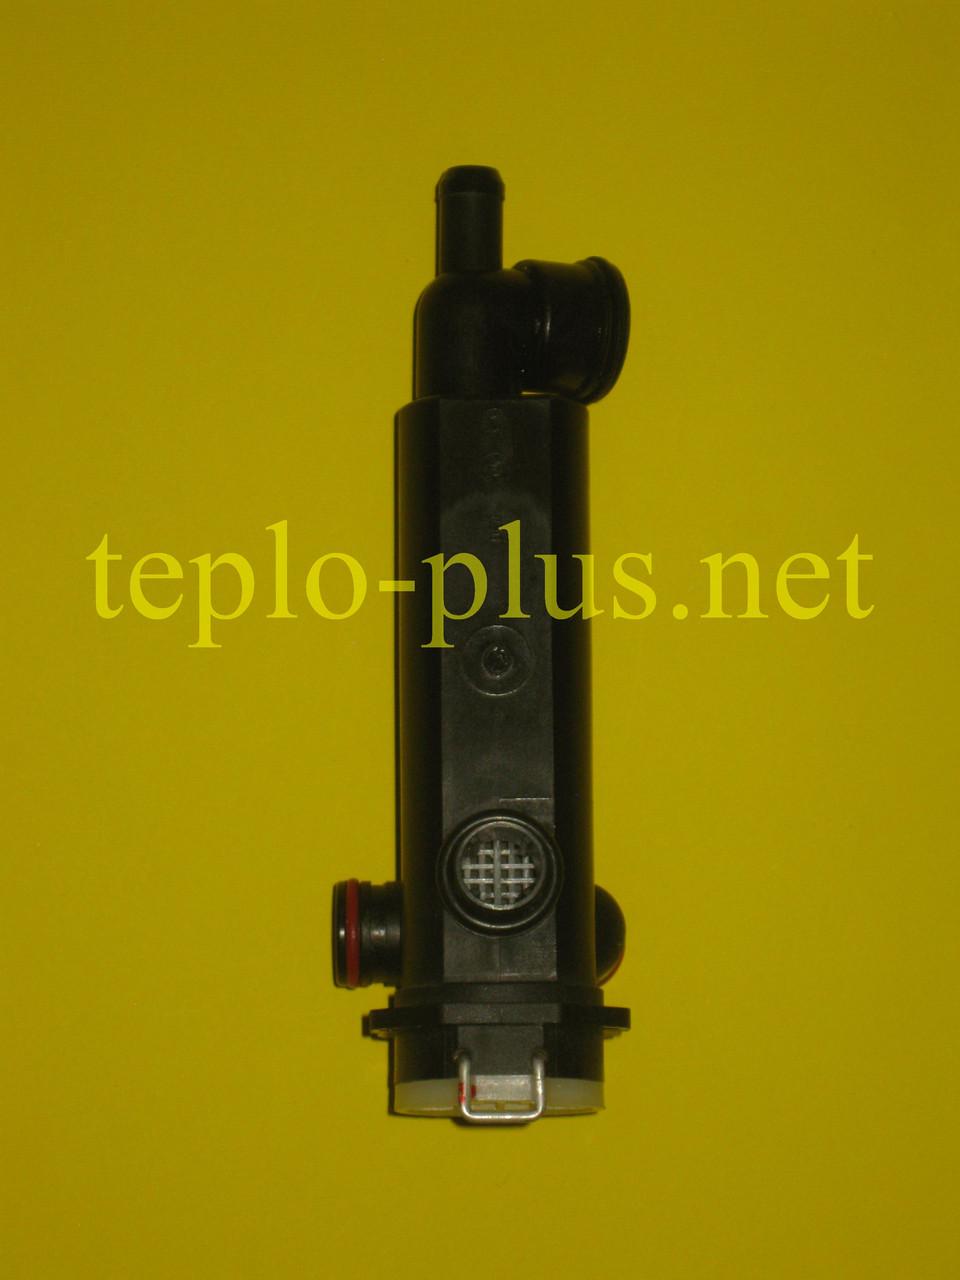 Гидроузел с фильтром ОВ в сборе (фильтр, грязевик) BH1301021A (BH1301018D, BH1301018B) Navien Ace ATMO, TURBO